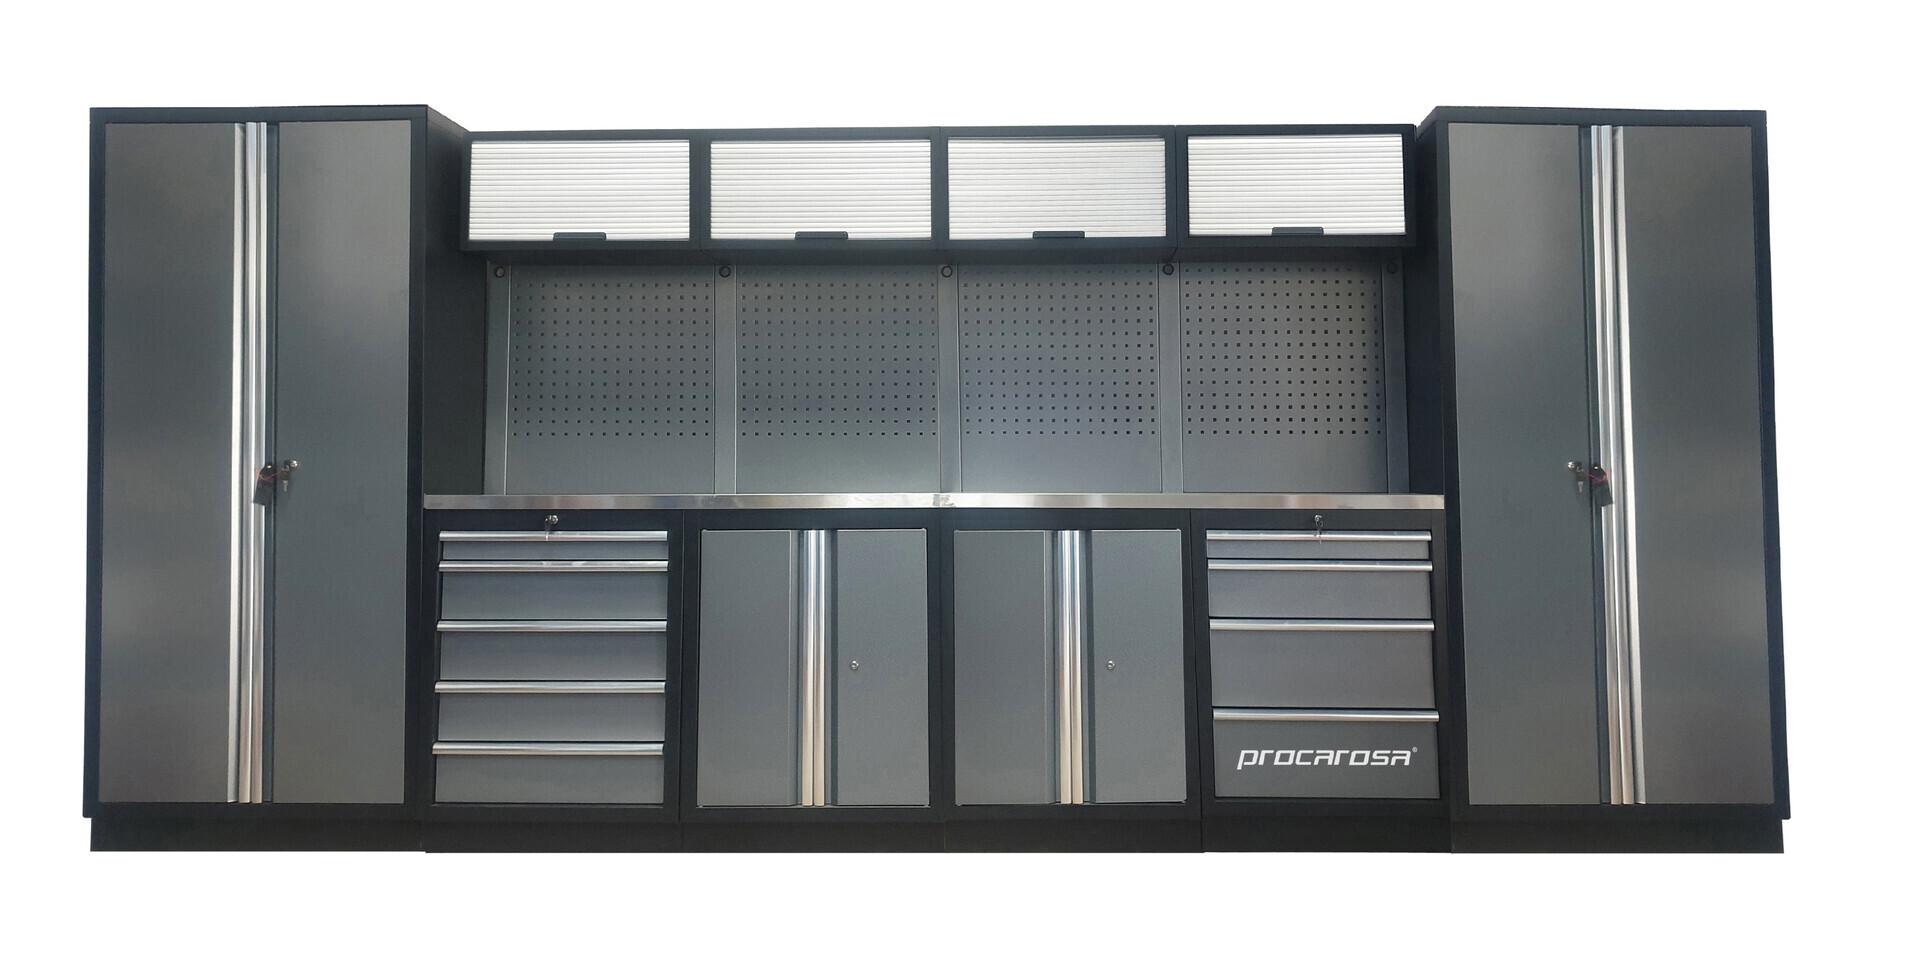 Sestava dílenského nábytku Procarosa PROFESSIONAL XXL-1 Pracovní deska: nerezová, Hmotnost